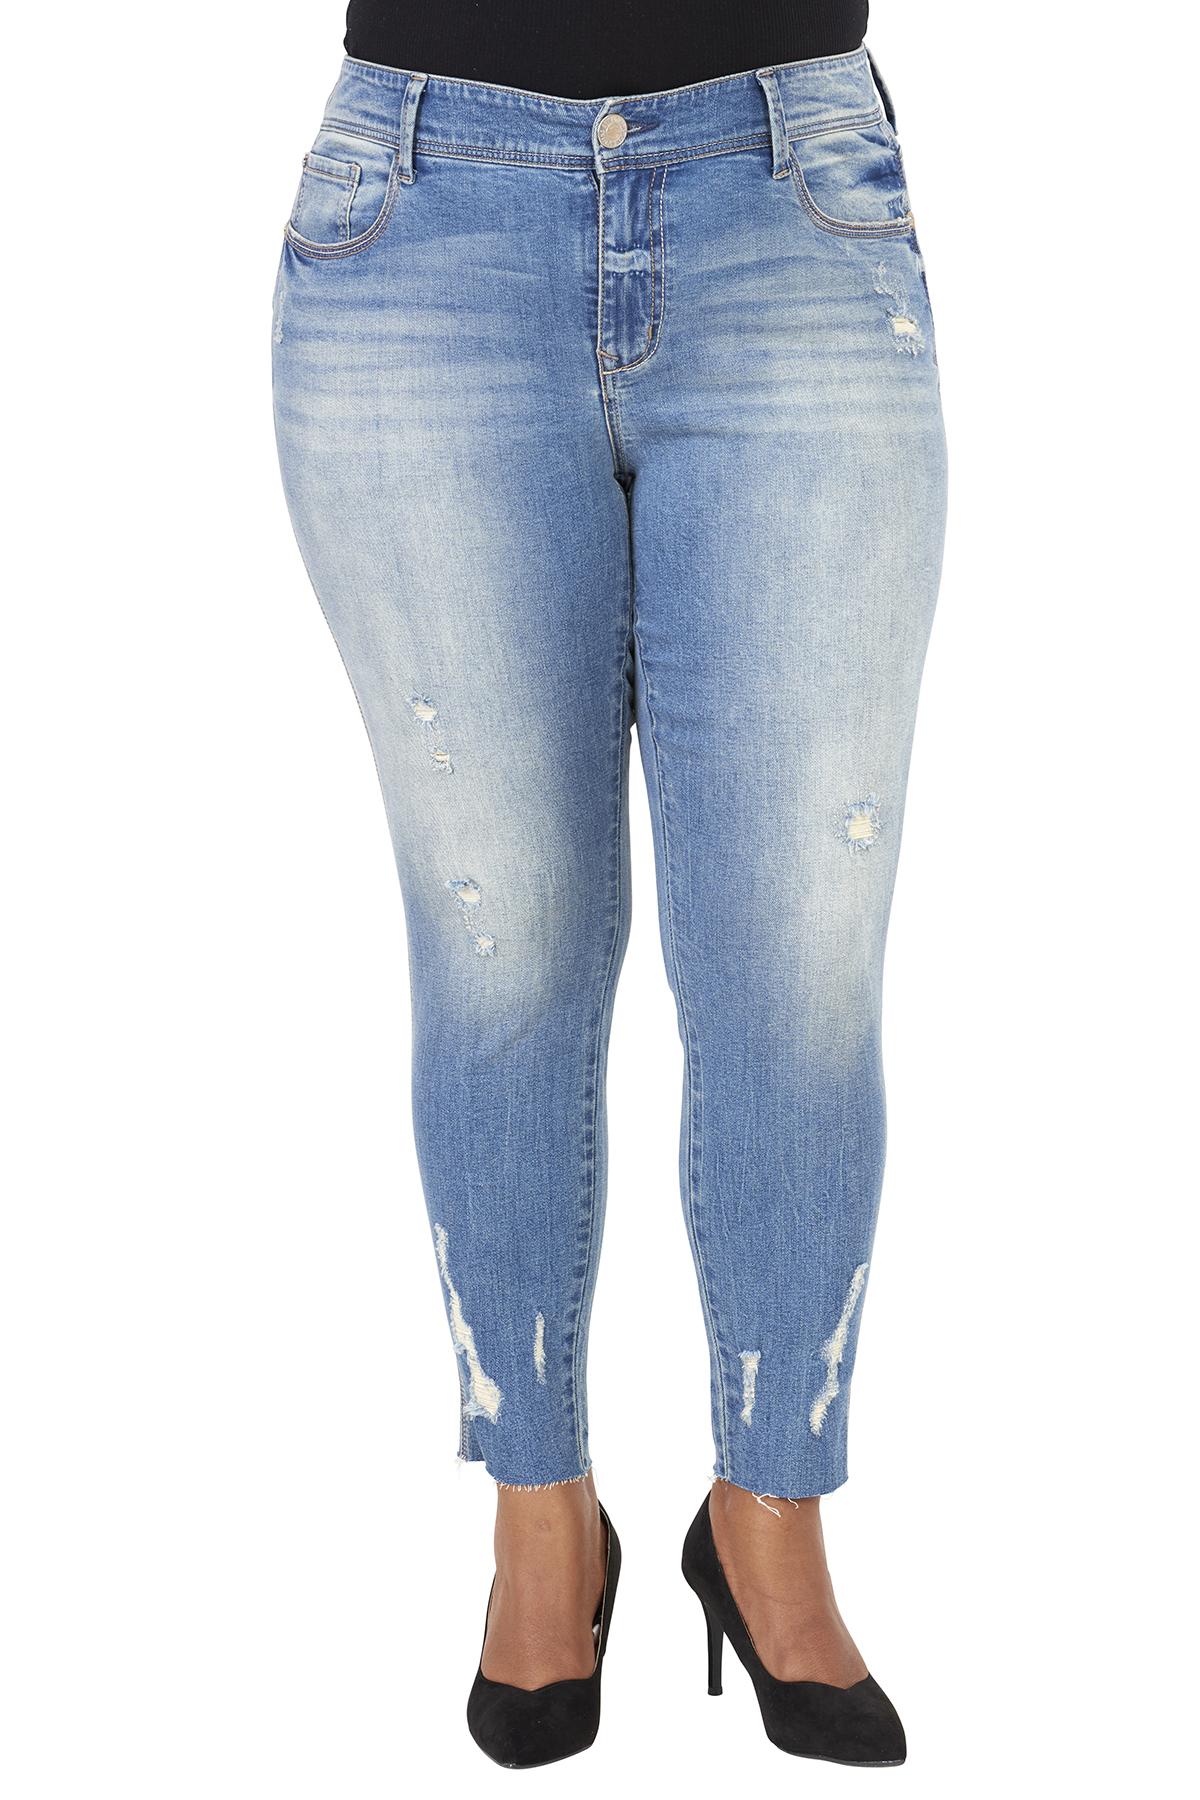 Seven7 Jeans Raw Hem Legging